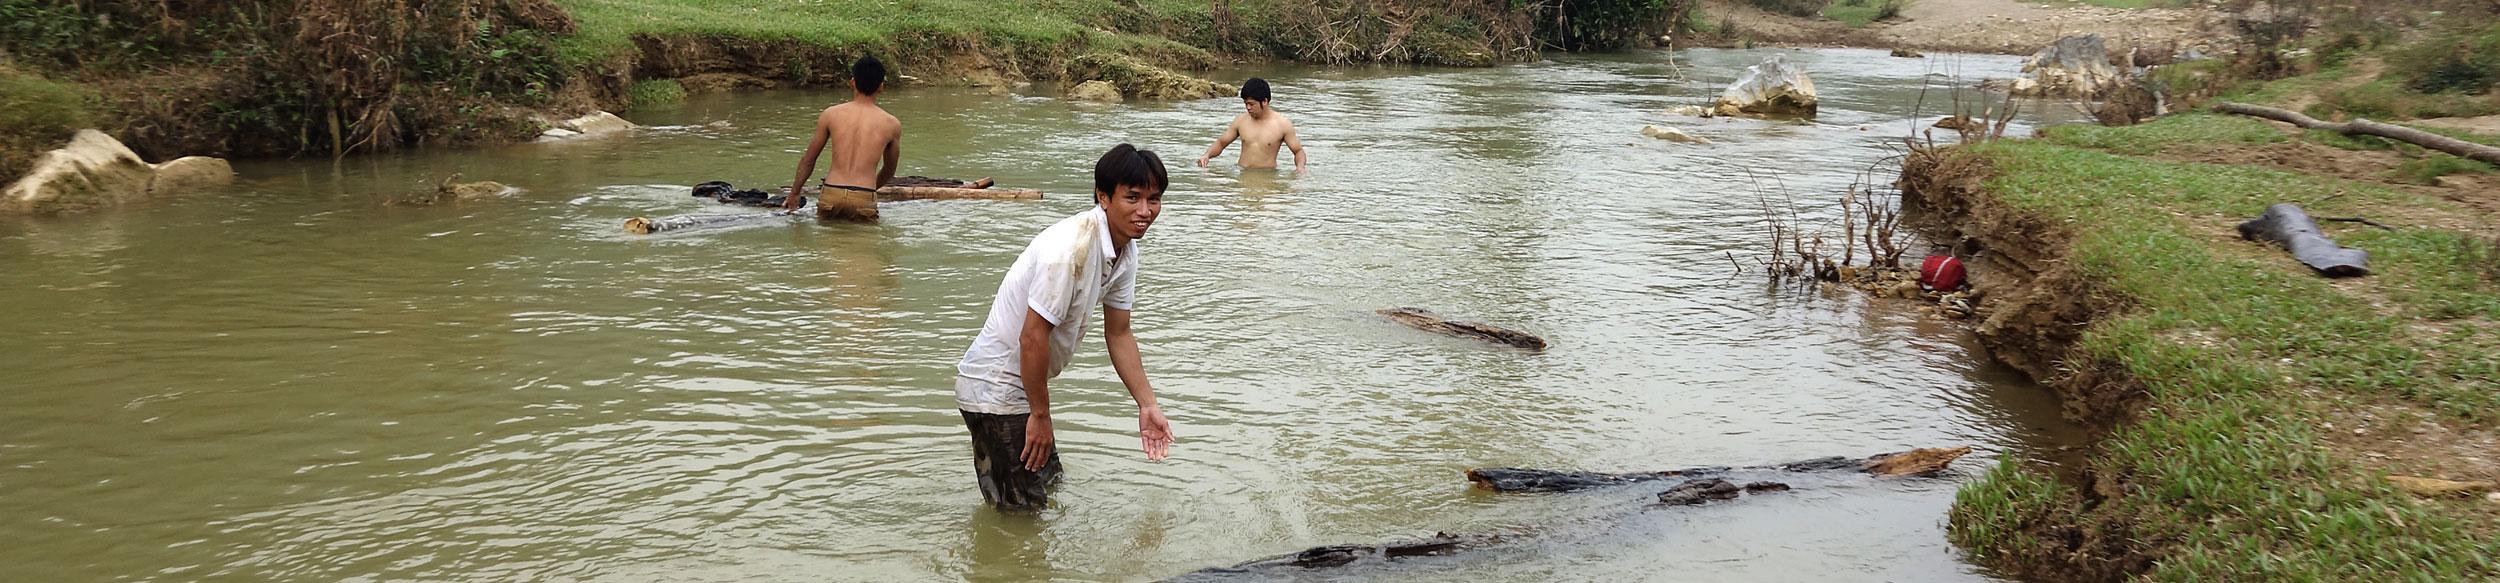 Transport de bois dans la rivière de la réserve de Ngoc Son Ngo Luong à l'ouest de Hanoi